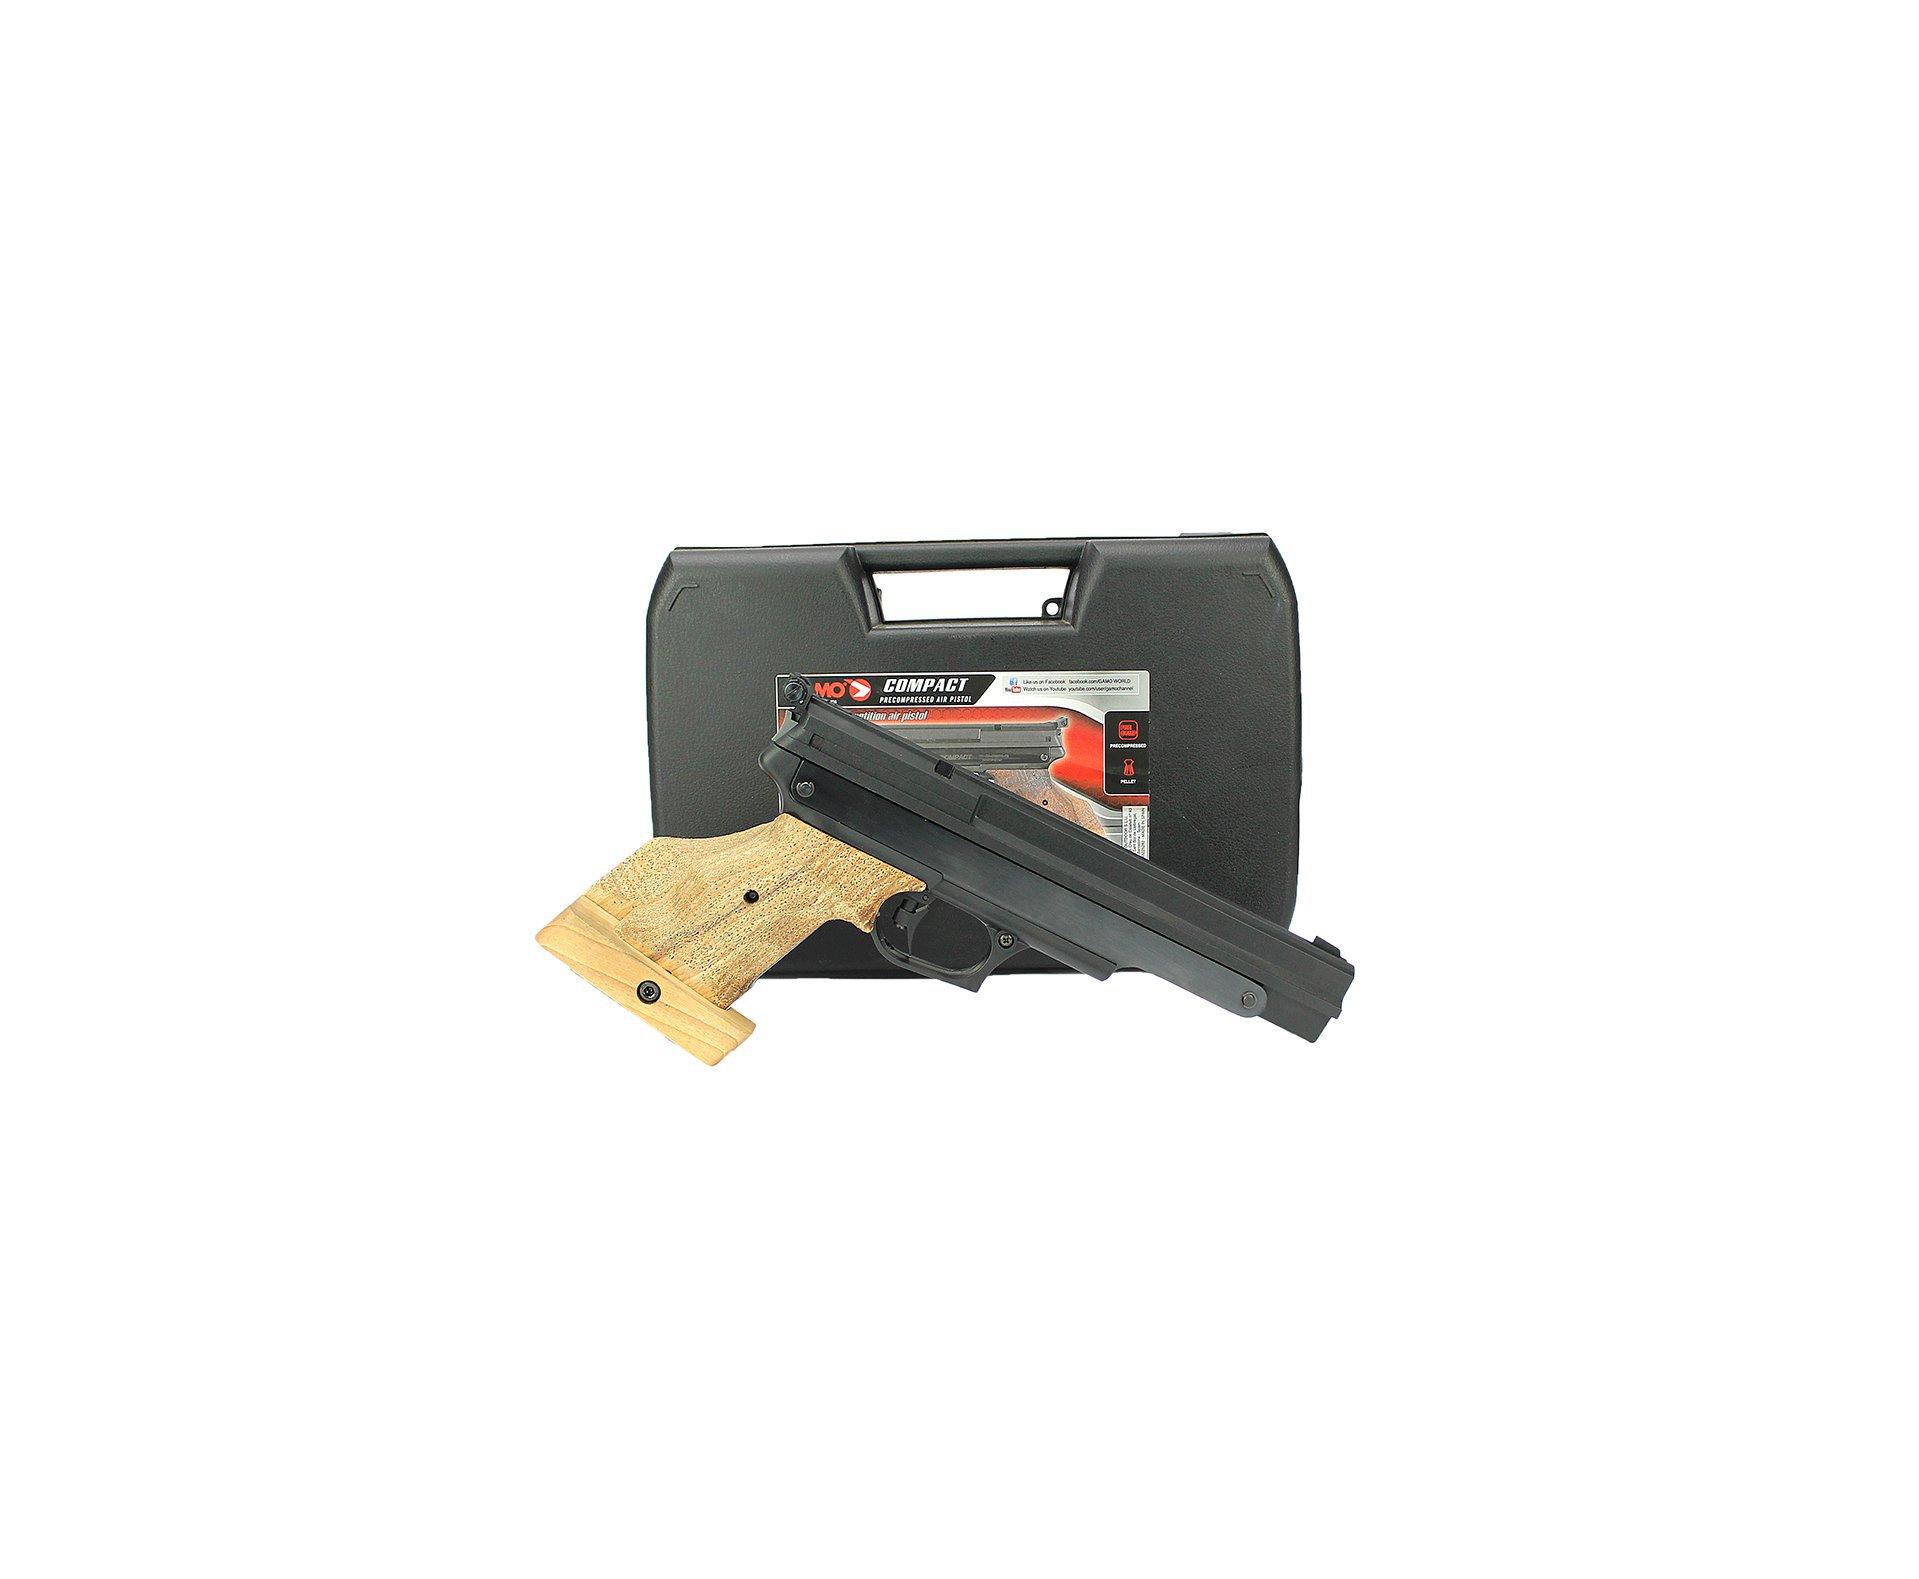 Pistola De Pressão Gamo Compact - Calibre 4,5 Mm